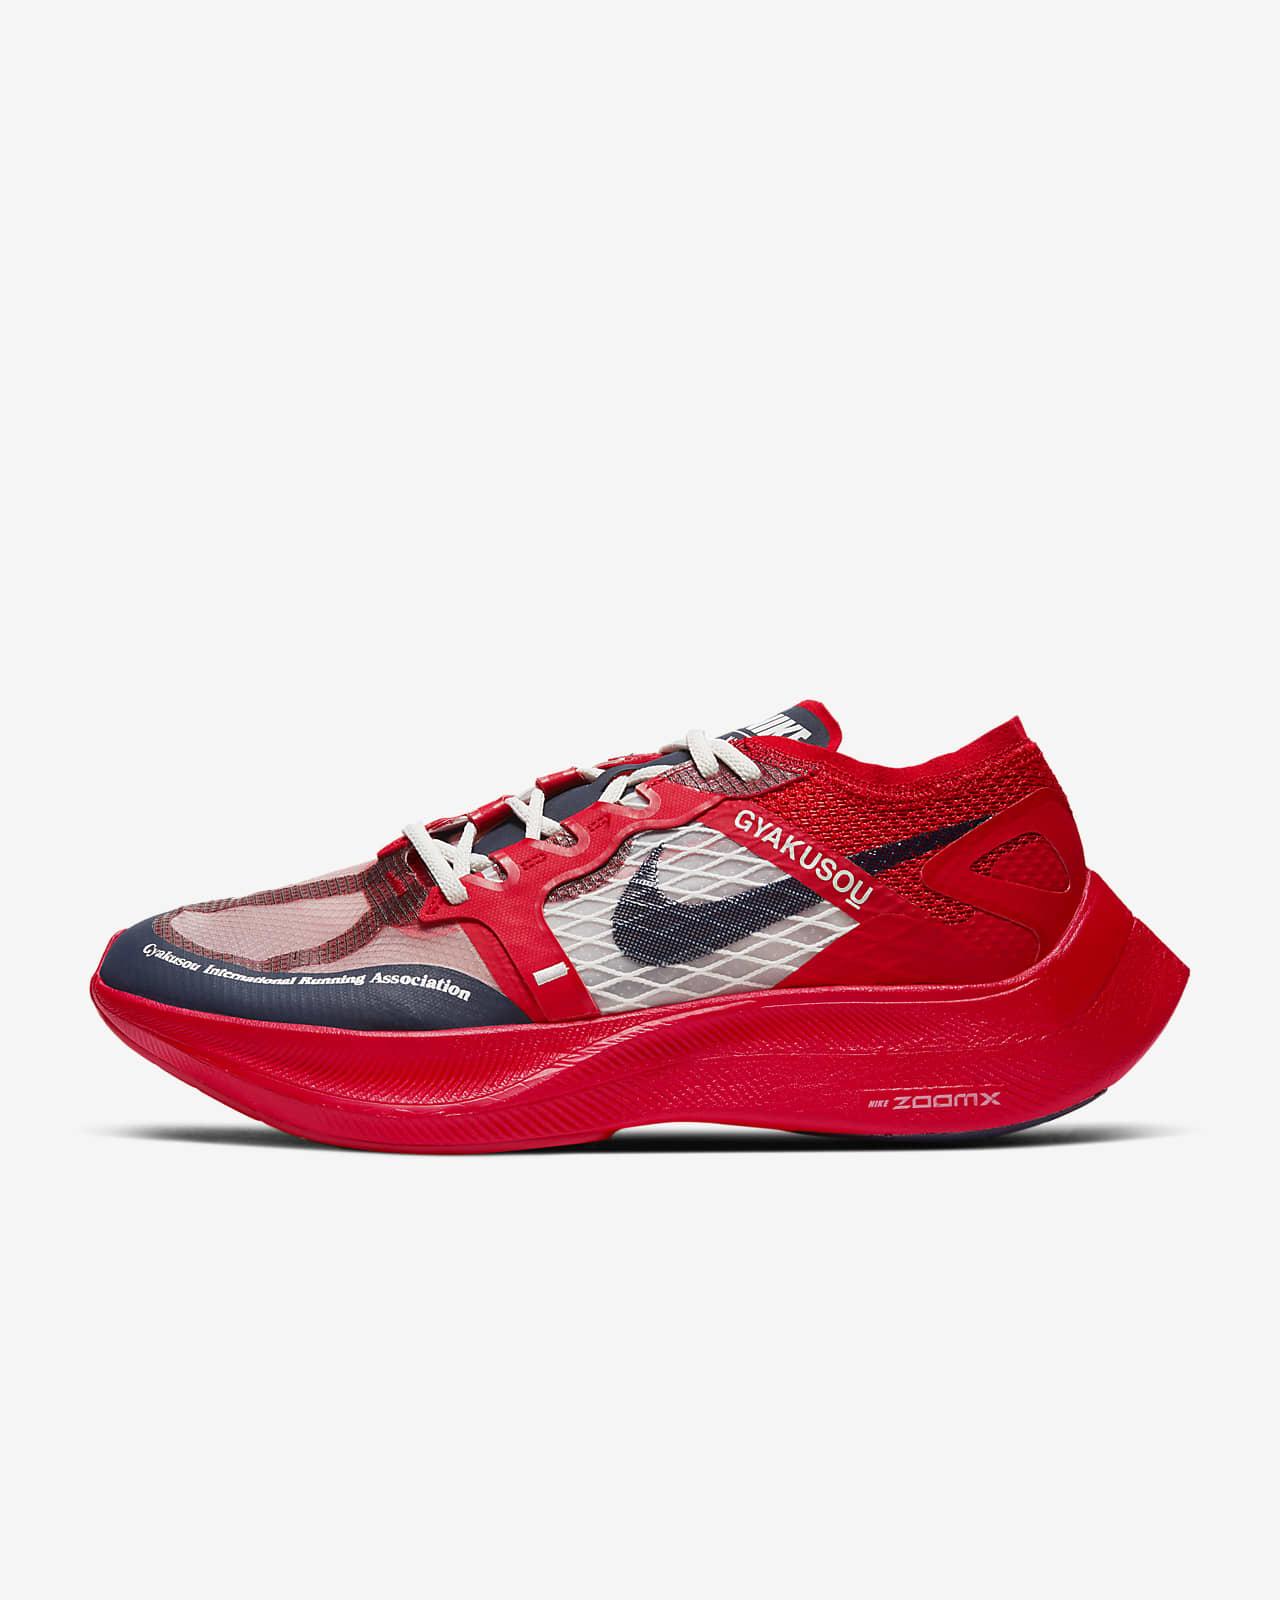 Chaussure de running Nike ZoomX Vaporfly Next% x Gyakusou